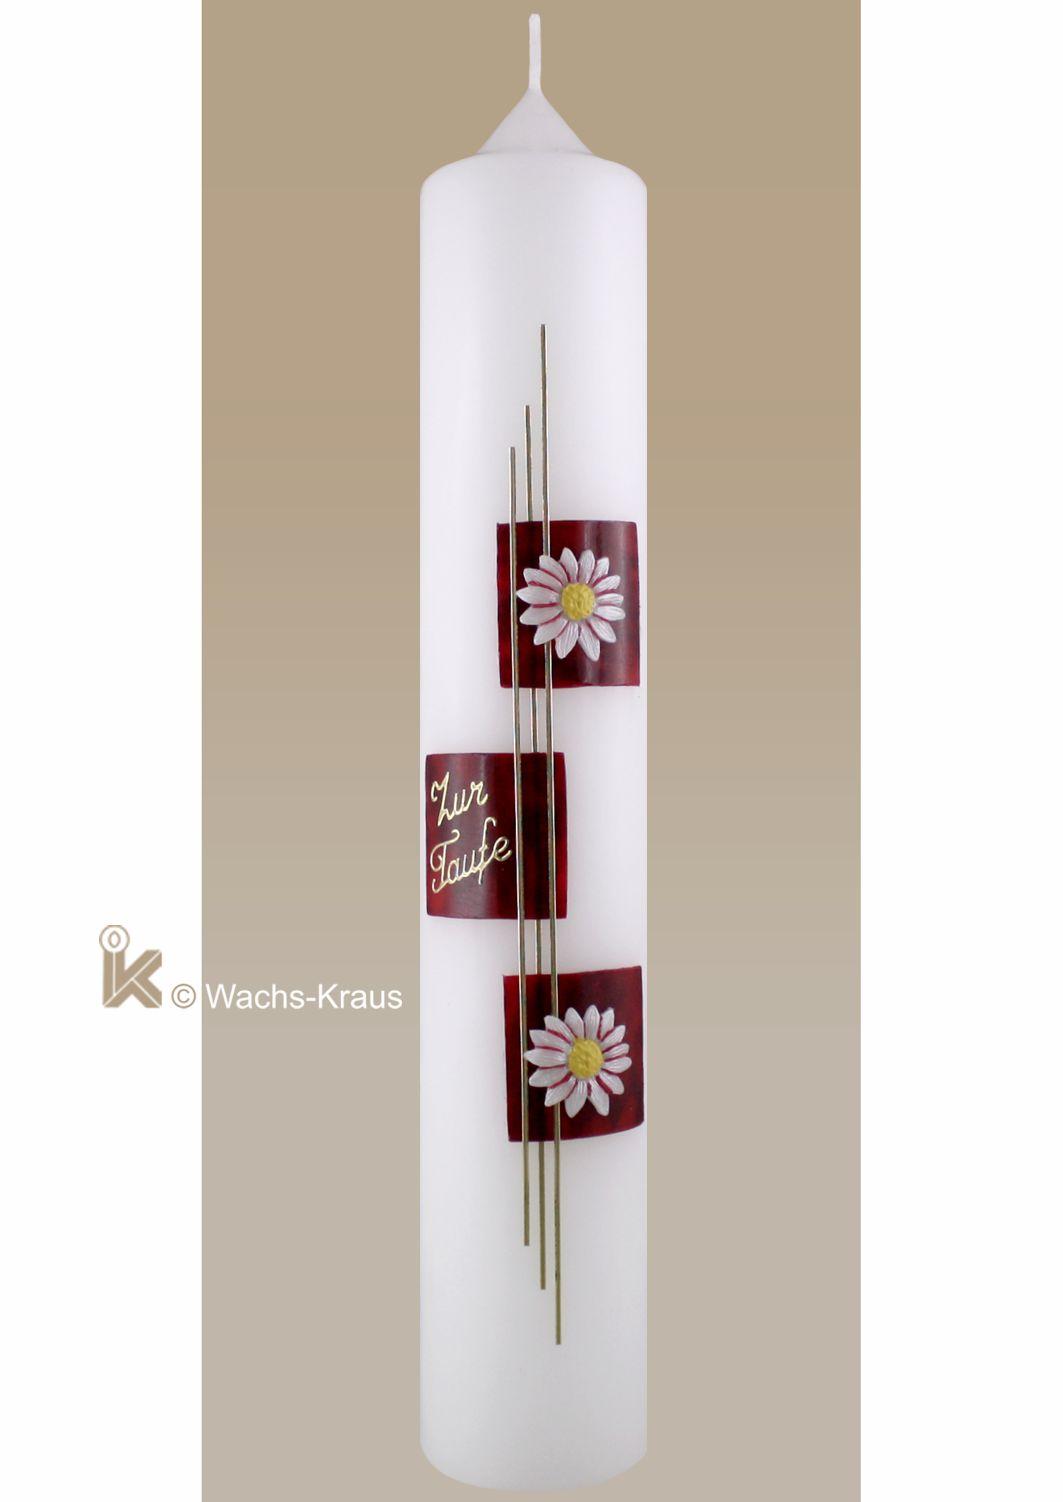 Eine frisch anmutende Taufkerze mit zwei aus Wachs gegossenen Blüten auf geflammt-rotem Untergrund. Dazu eine feine Verzierung in Gold und ein Schriftzug.